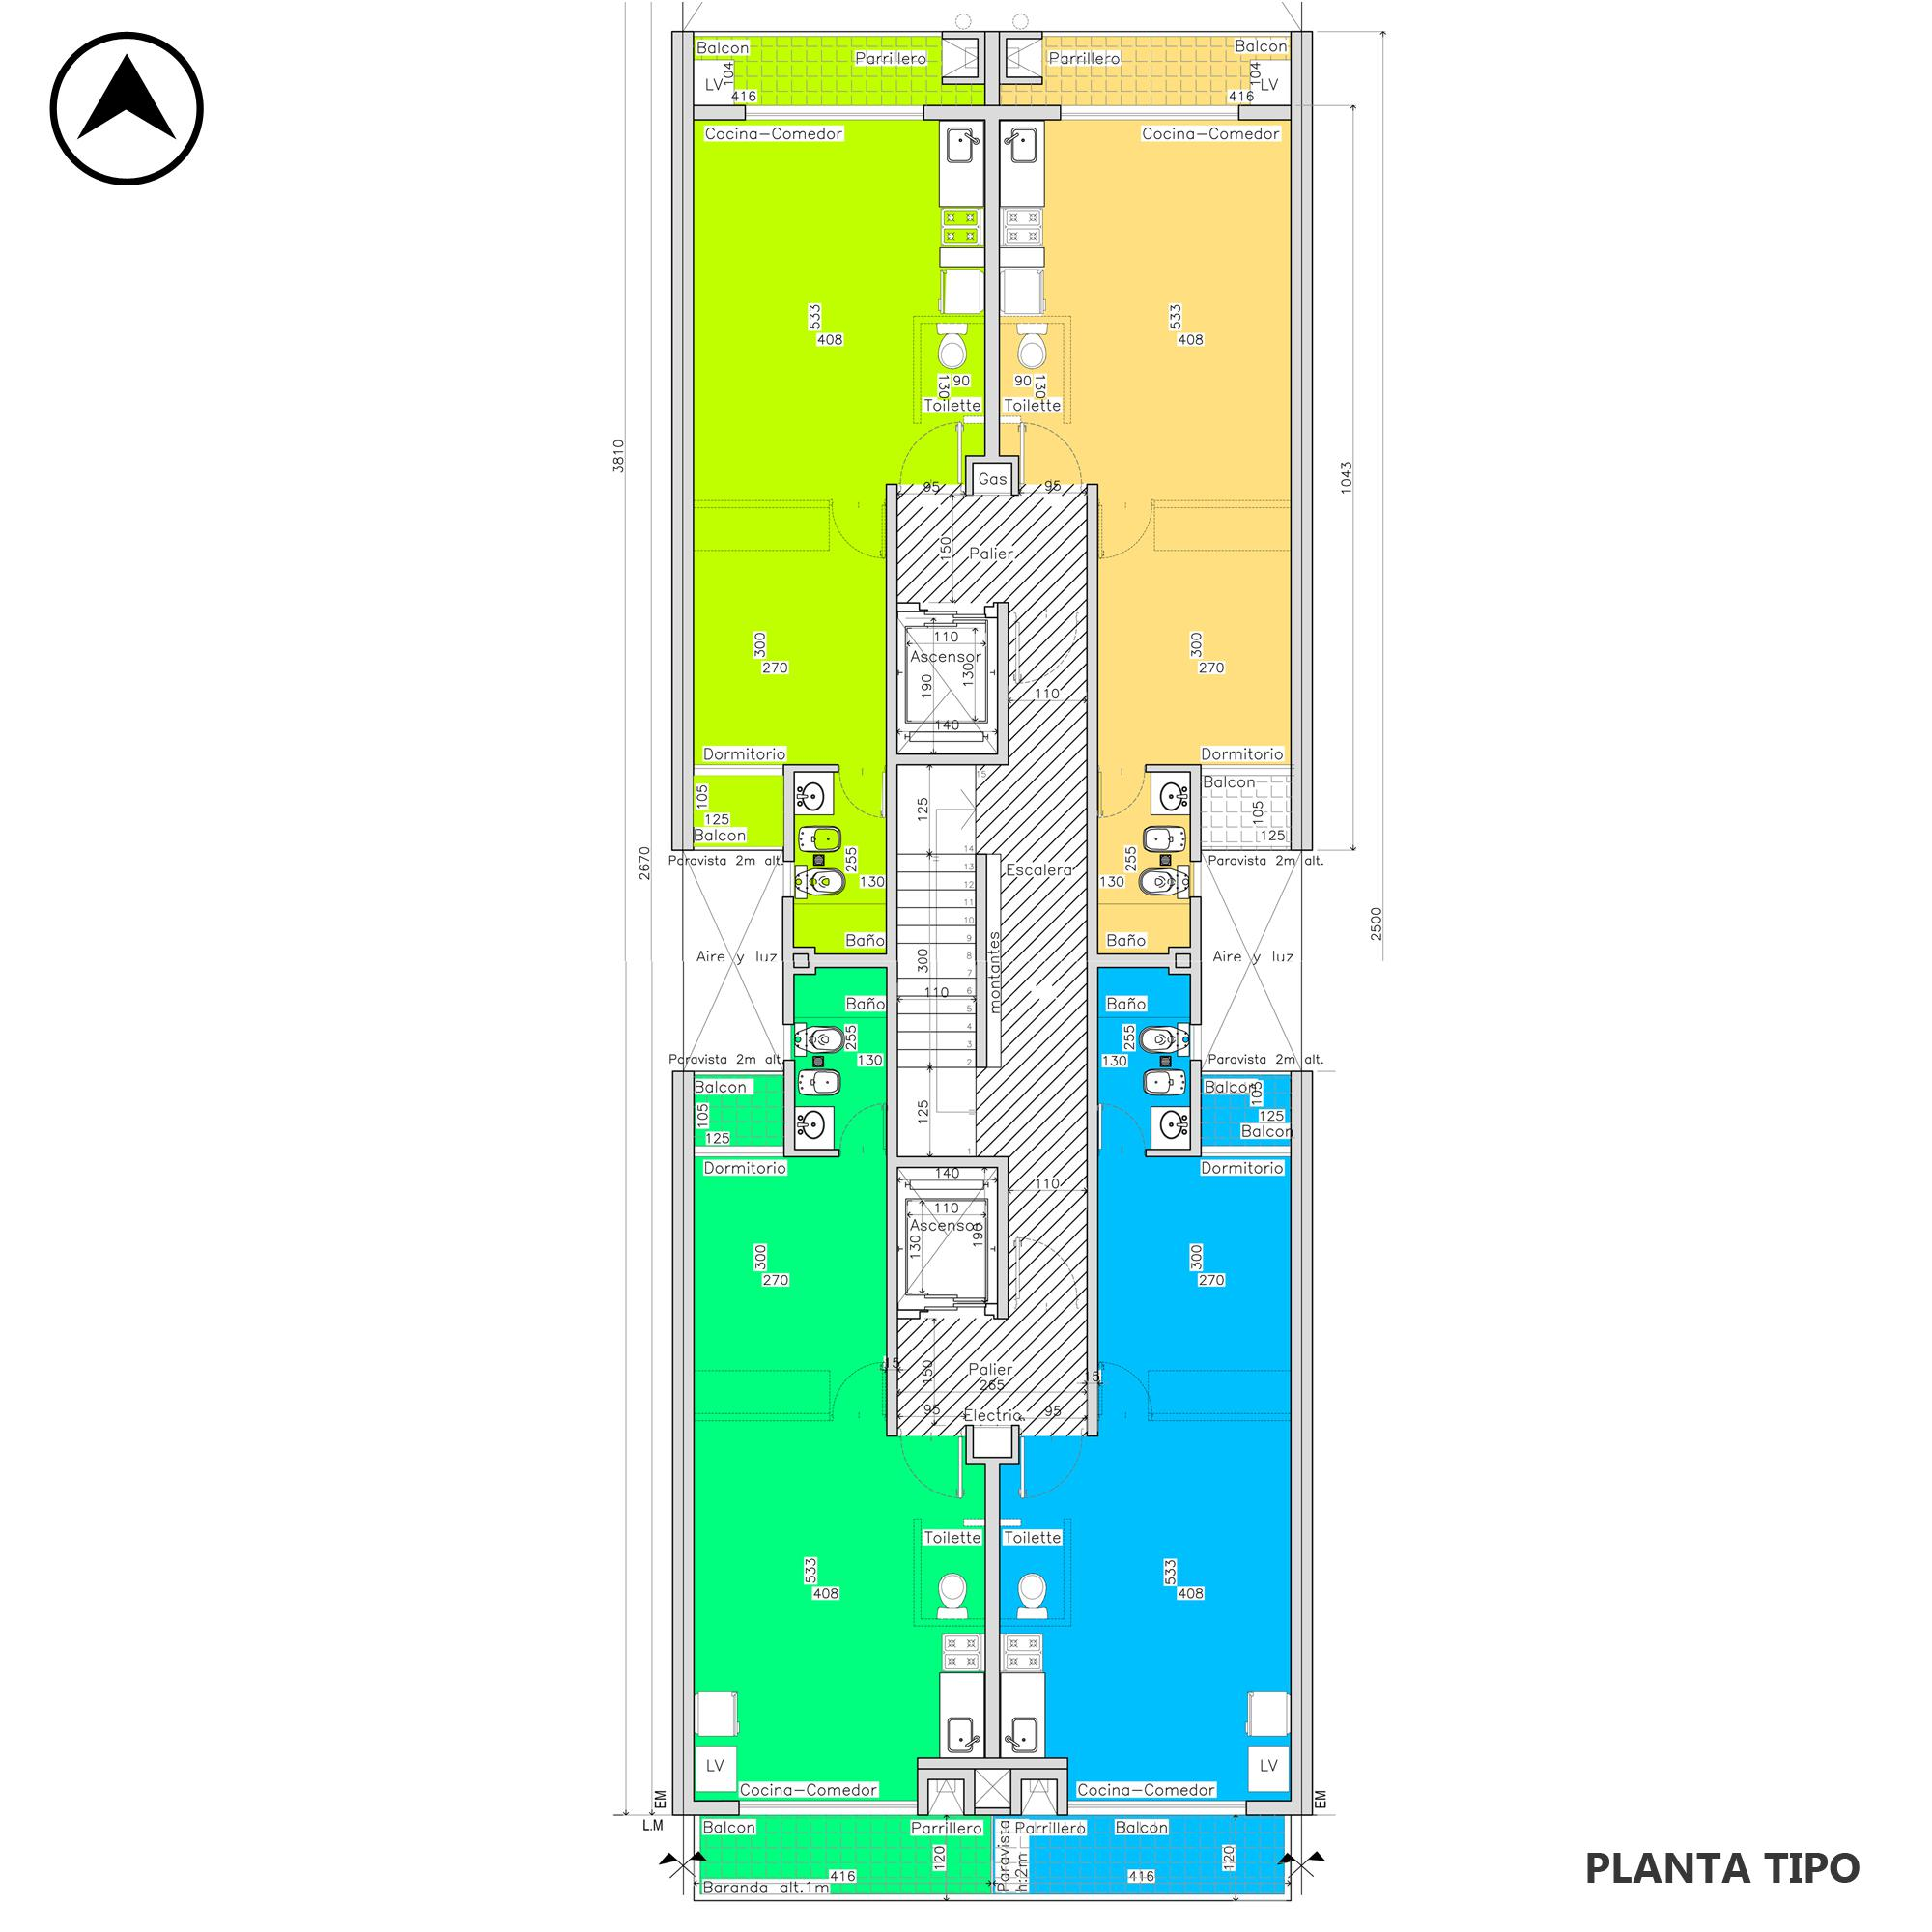 Venta departamento 1 dormitorio Rosario, Centro. Cod CBU20273 AP2006477. Crestale Propiedades